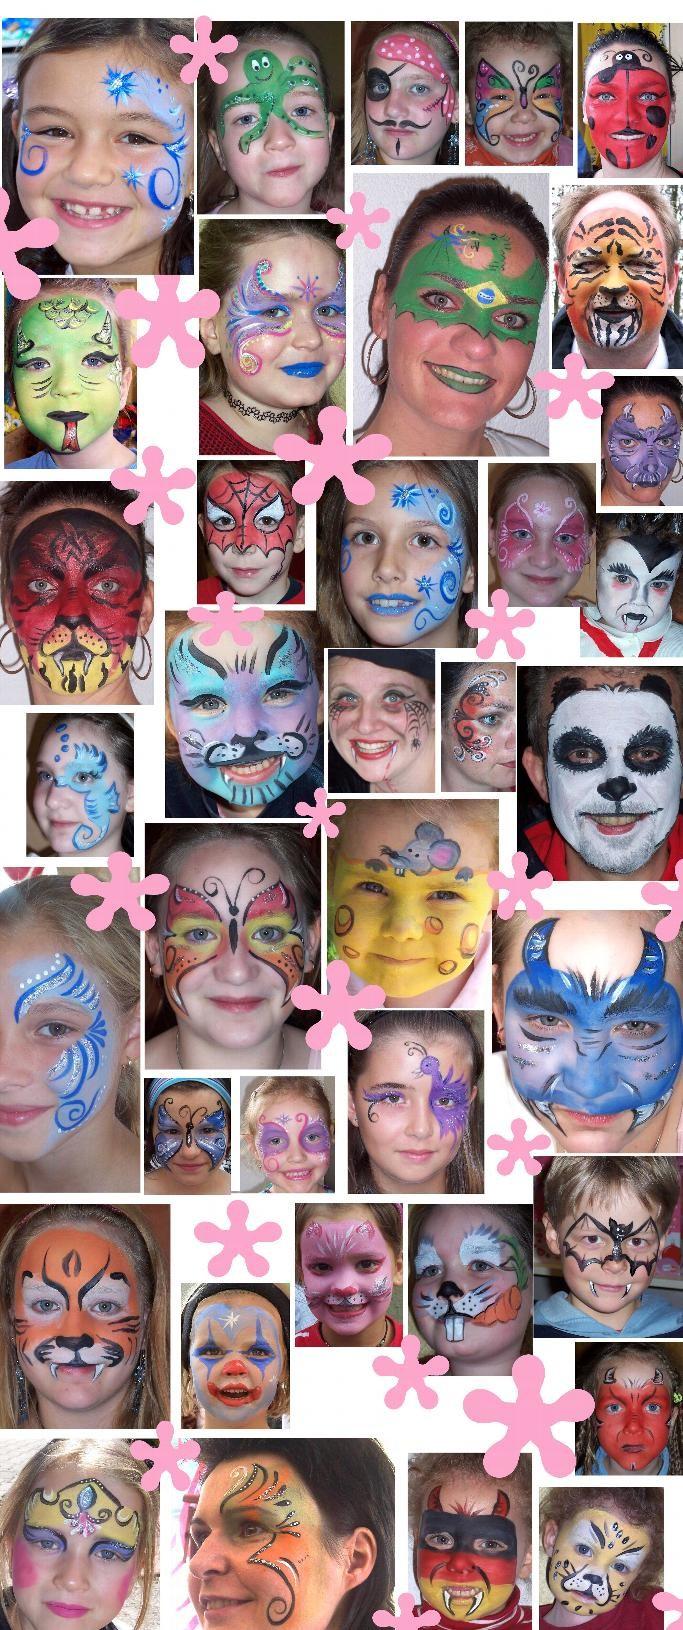 Kinderschminken in Nürnberg, Glitzer Tattoos in Nürnberg, Tattos in Nürnberg, Ballontiere in Nürnberg, Ballonmodellage in Nürnberg, Luftballontiere in Nürnberg, Kinderunterhaltung in Nürnberg, schminken in Nürnberg,  Firmenevent in Nürnberg